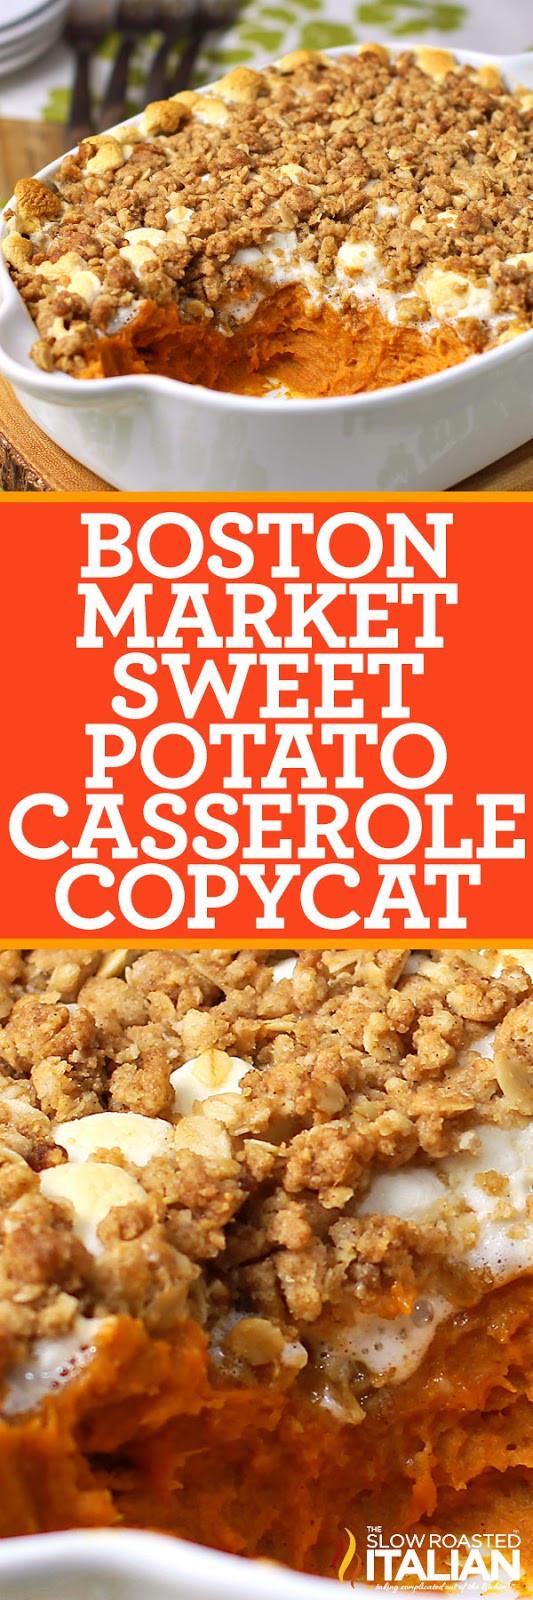 Boston Market Sweet Potato Casserole  Sweet Potato Casserole Boston Market Copycat With Video